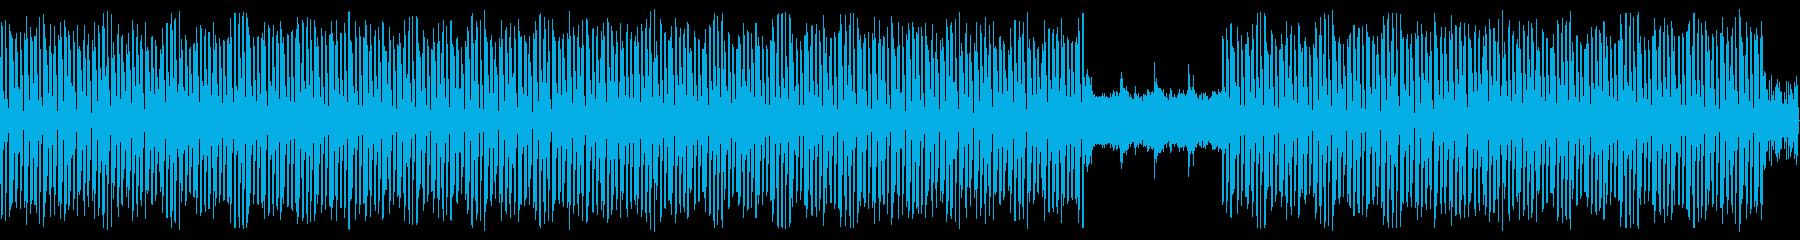 エレクトリックなチューン(ループ可)の再生済みの波形